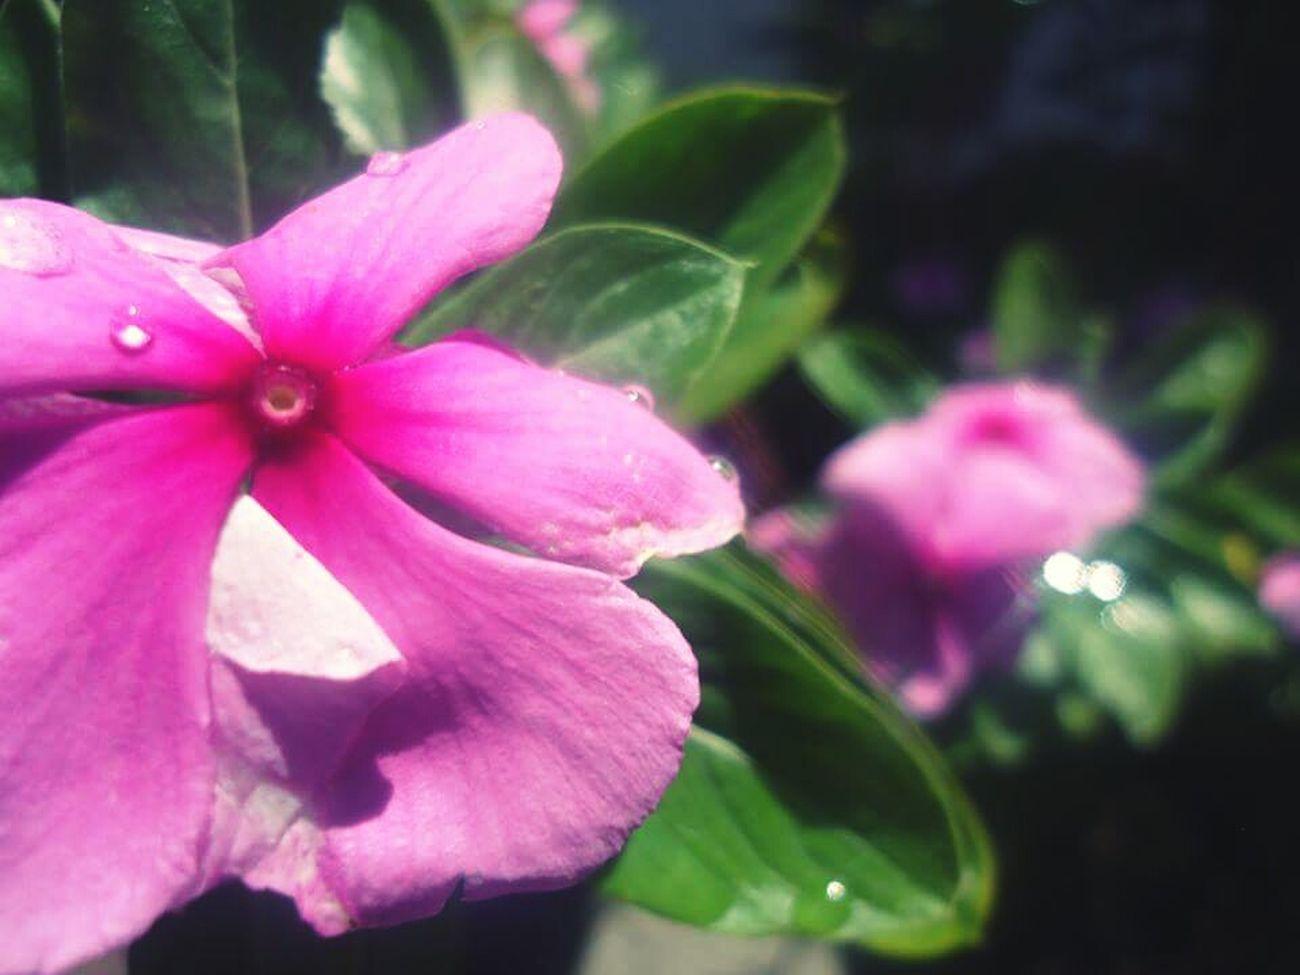 Flower.👌🌸 Nature Flower Pink Flower Likeforlike #likemyphoto #qlikemyphotos #like4like #likemypic #likeback #ilikeback #10likes #50likes #100likes #20likes #likere